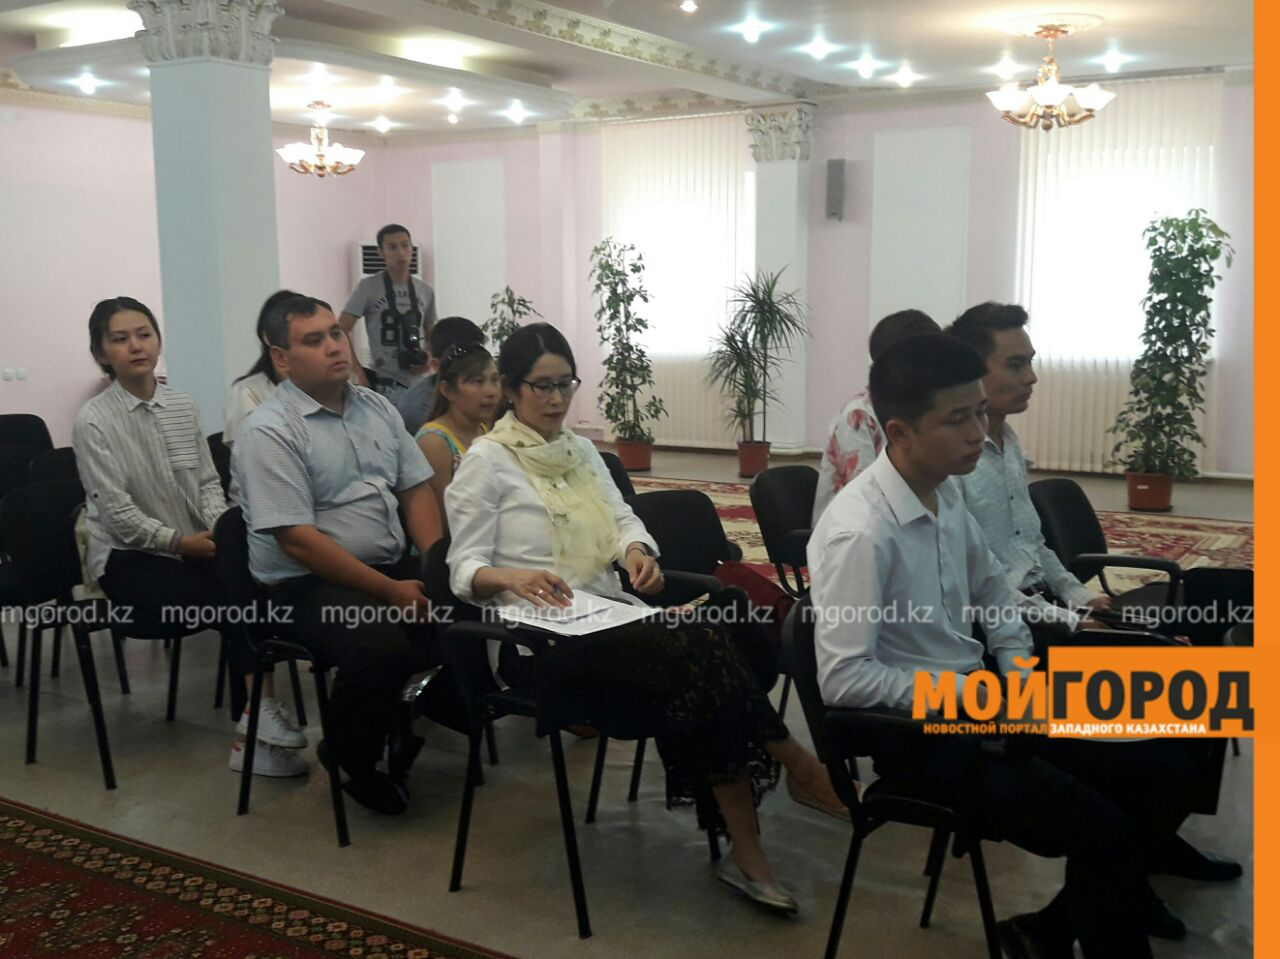 Участники скандального видео в Атырау принесли публичные извинения(ВИДЕО) atyrau_video (1)